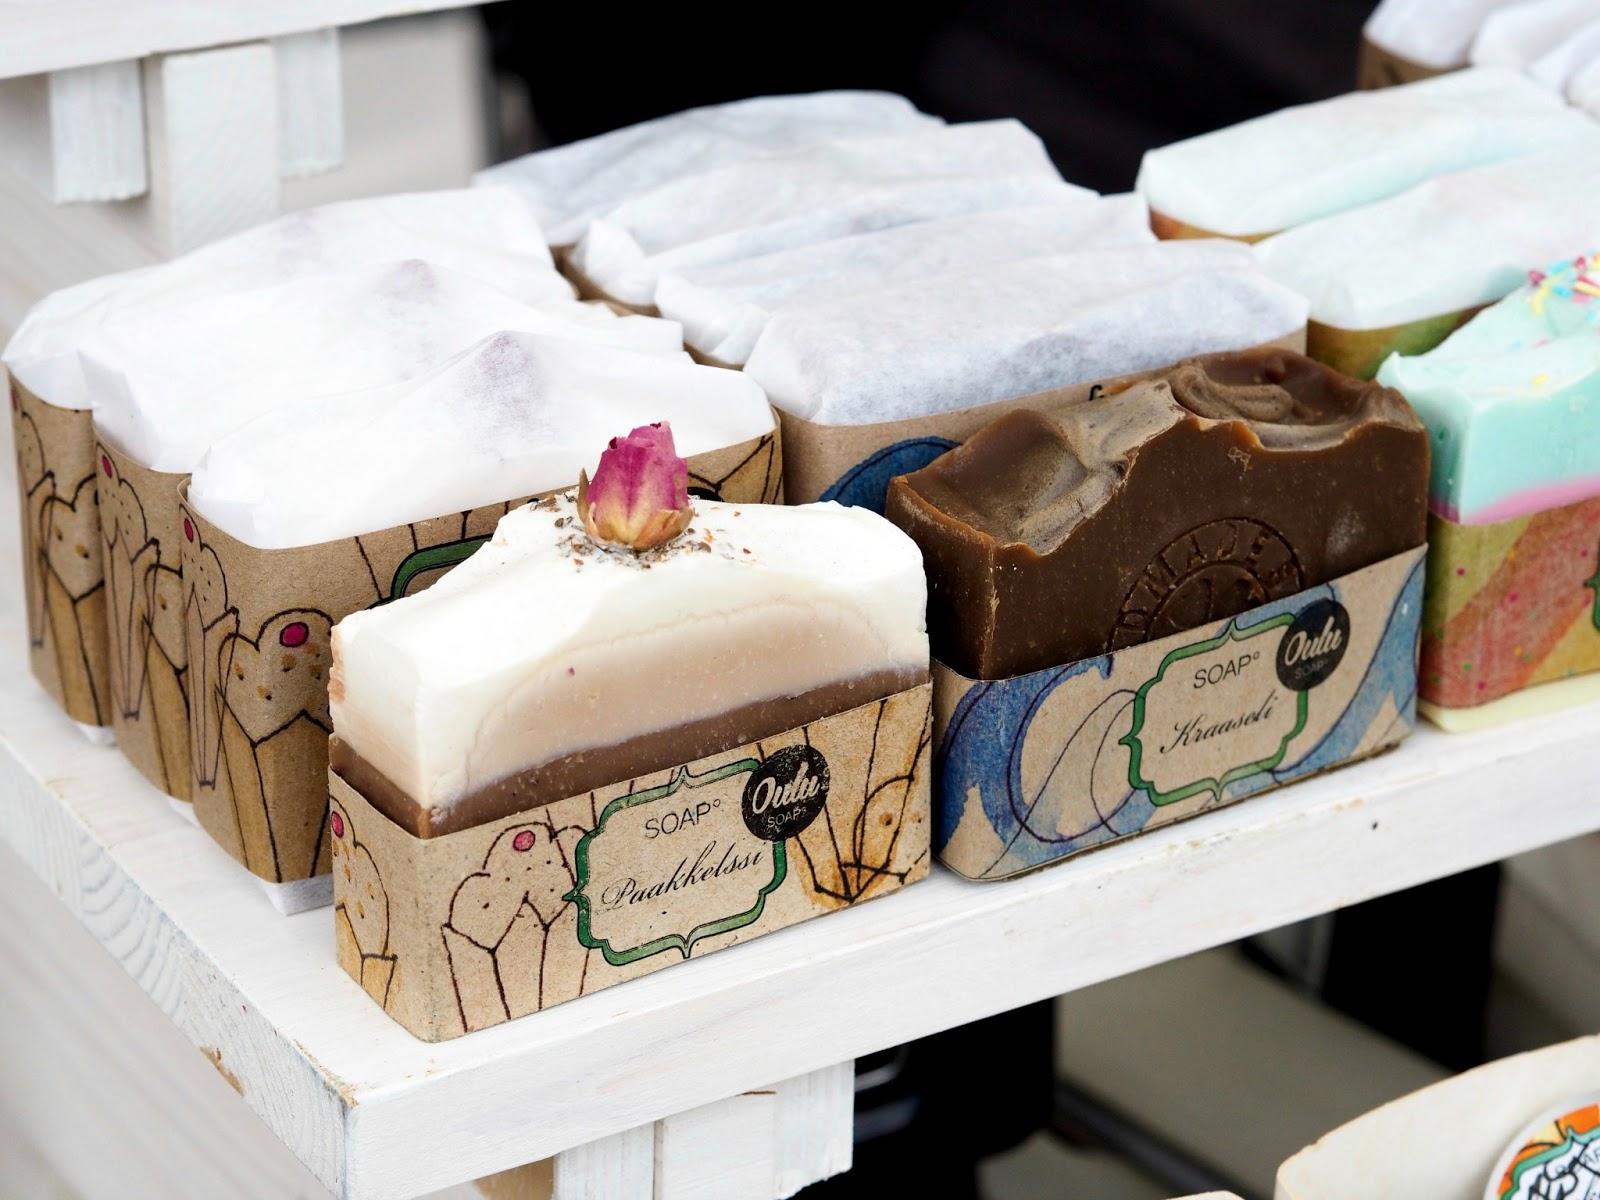 soap oulu käsintehty saippua